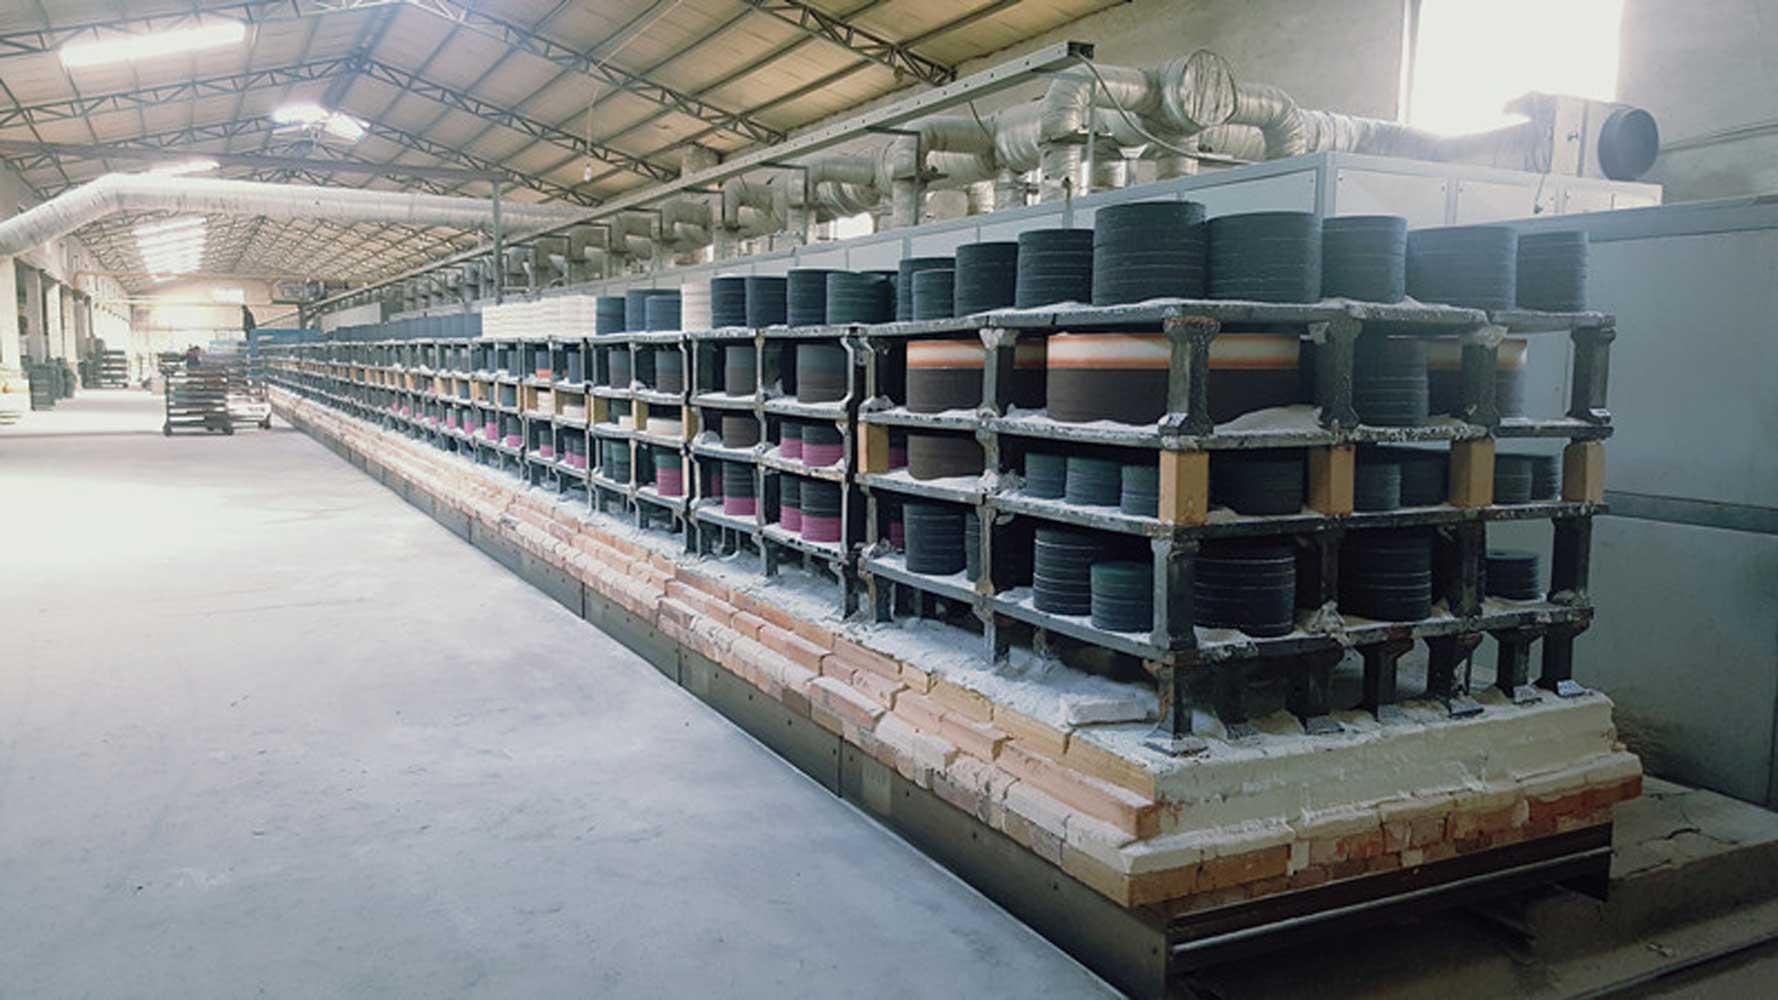 storage-of-grinding-wheel